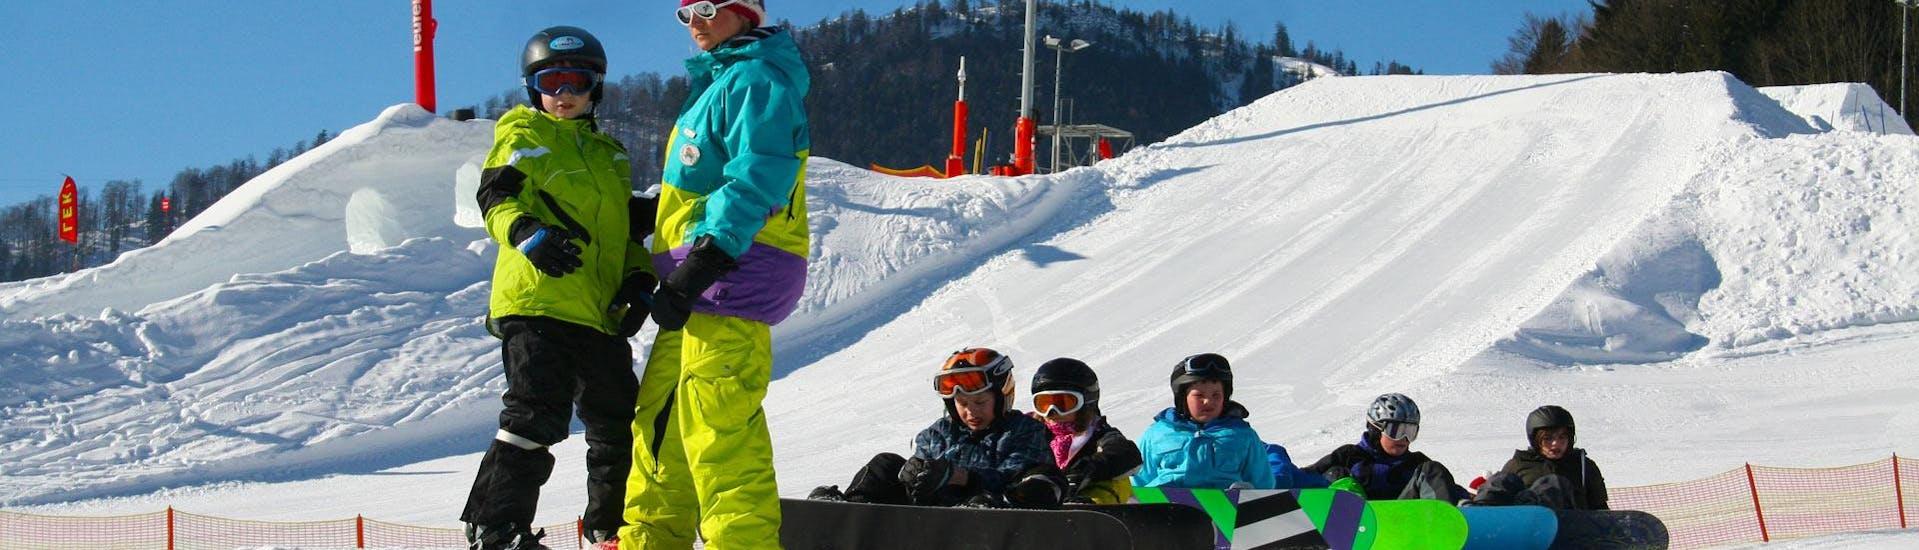 Snowboardkurs (ab 8 J.) für Anfänger